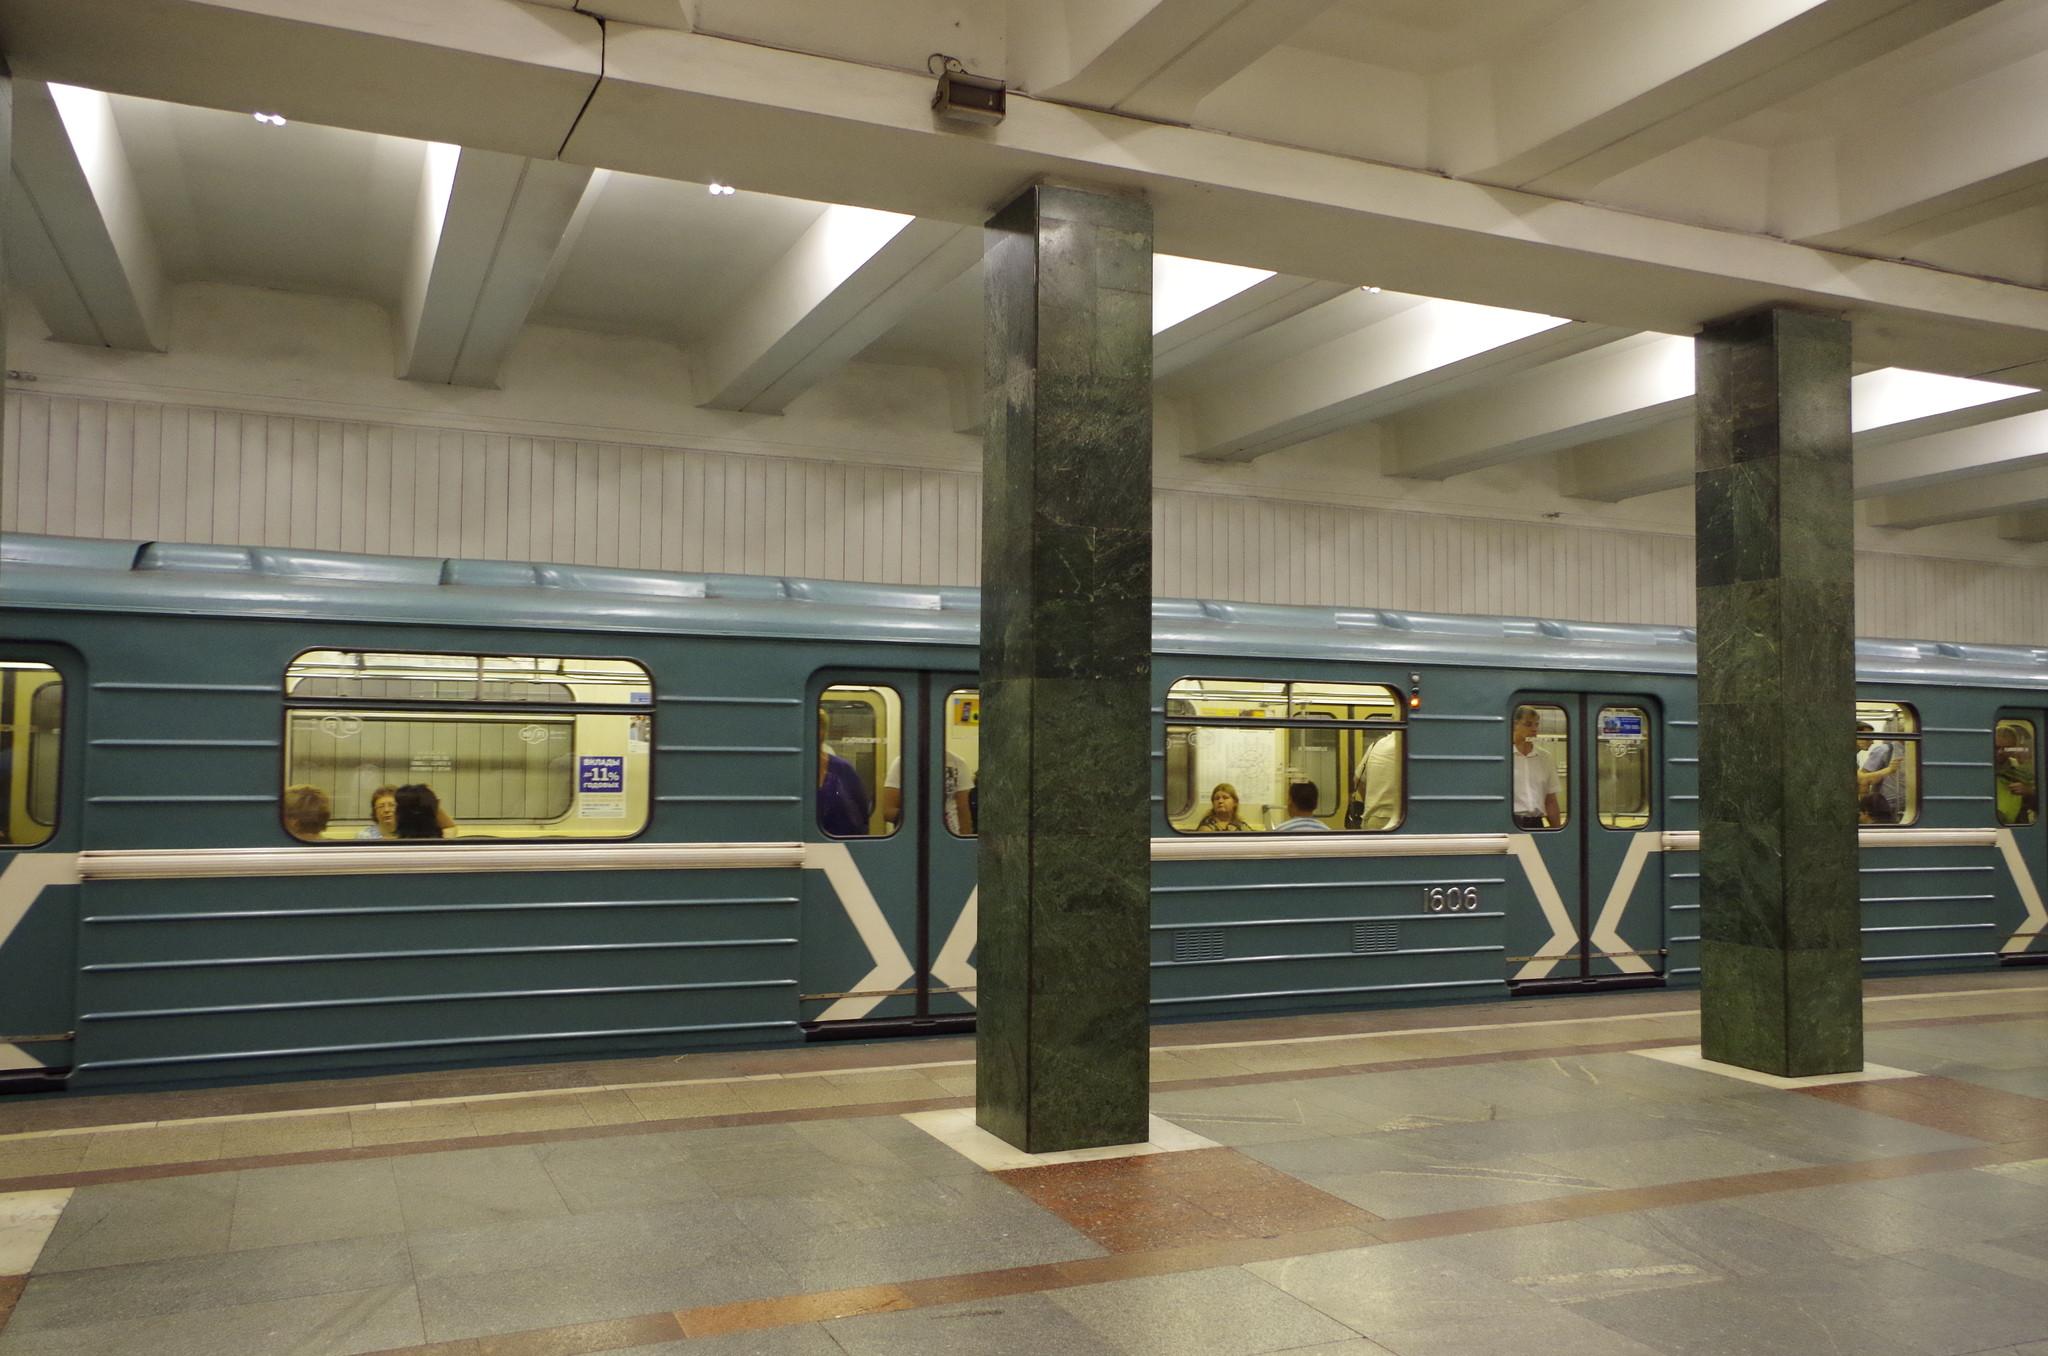 «Преображенская площадь» - станция Сокольнической линии Московского метрополитена